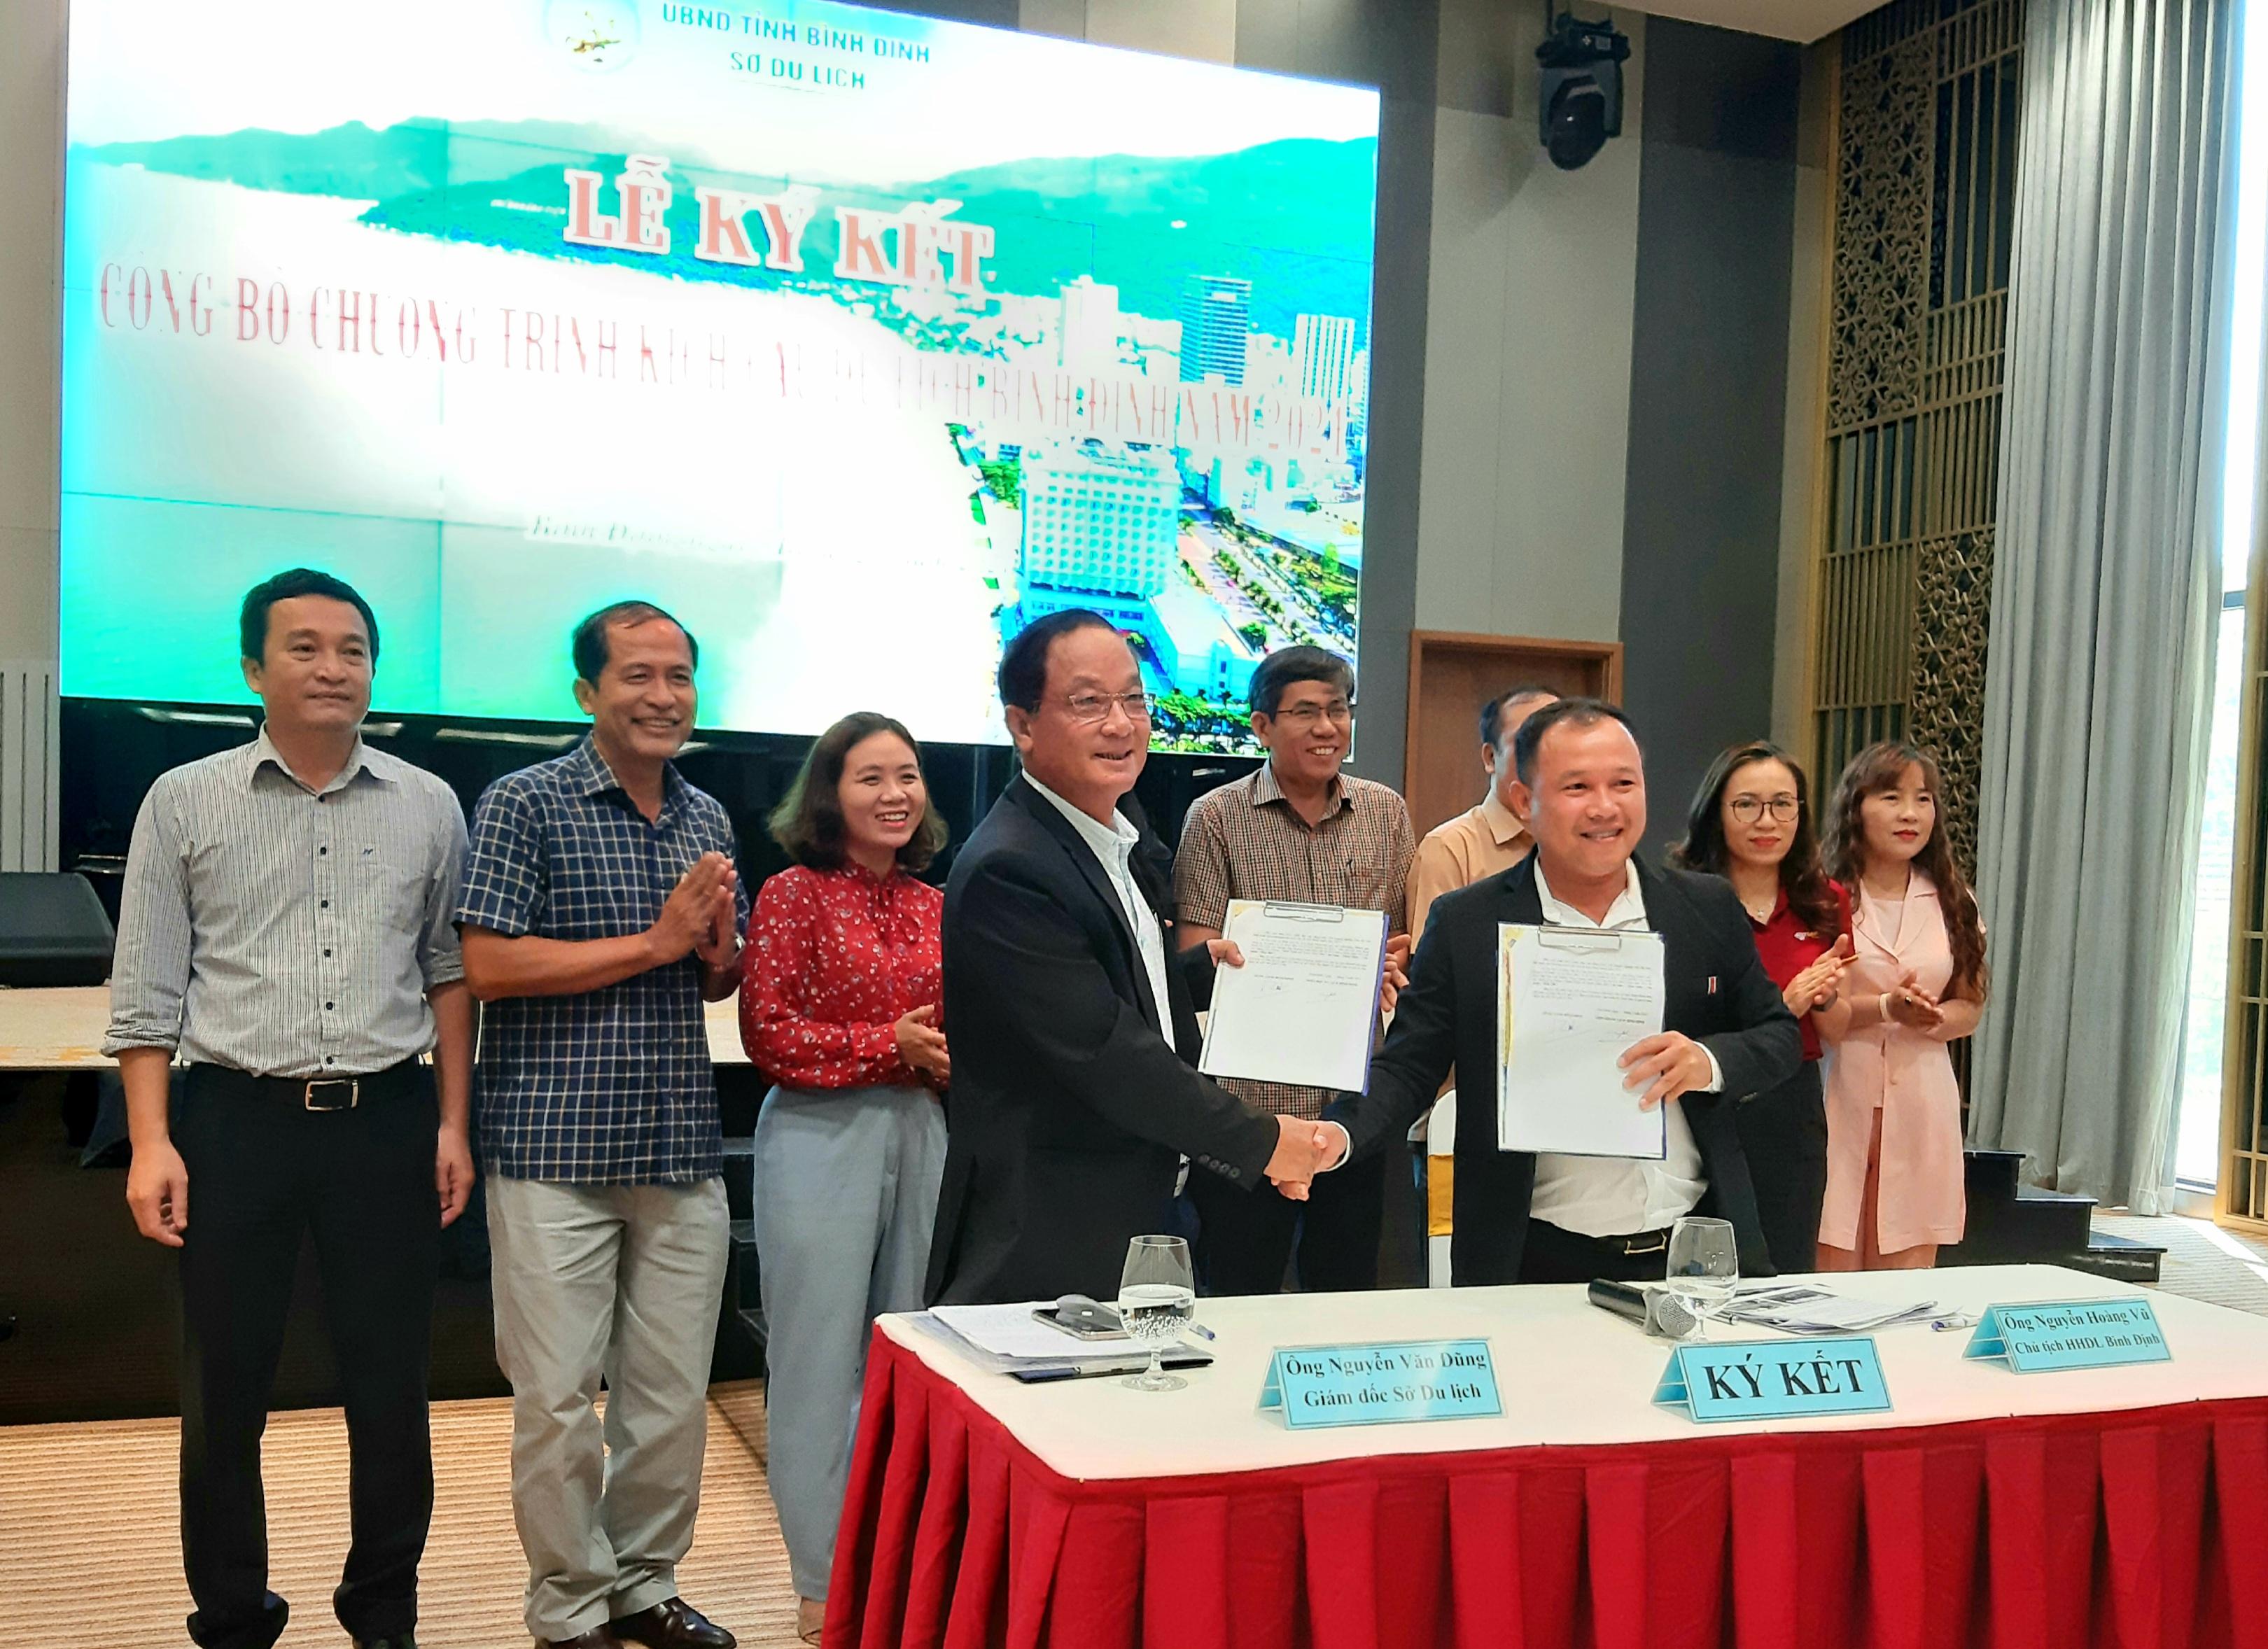 Đại diện Hiệp hội Du lịch tỉnh và Sở Du lịch Bình Định ký cam kết xây dựng gói giảm giá của đơn vị tham gia kích cầu du lịch.